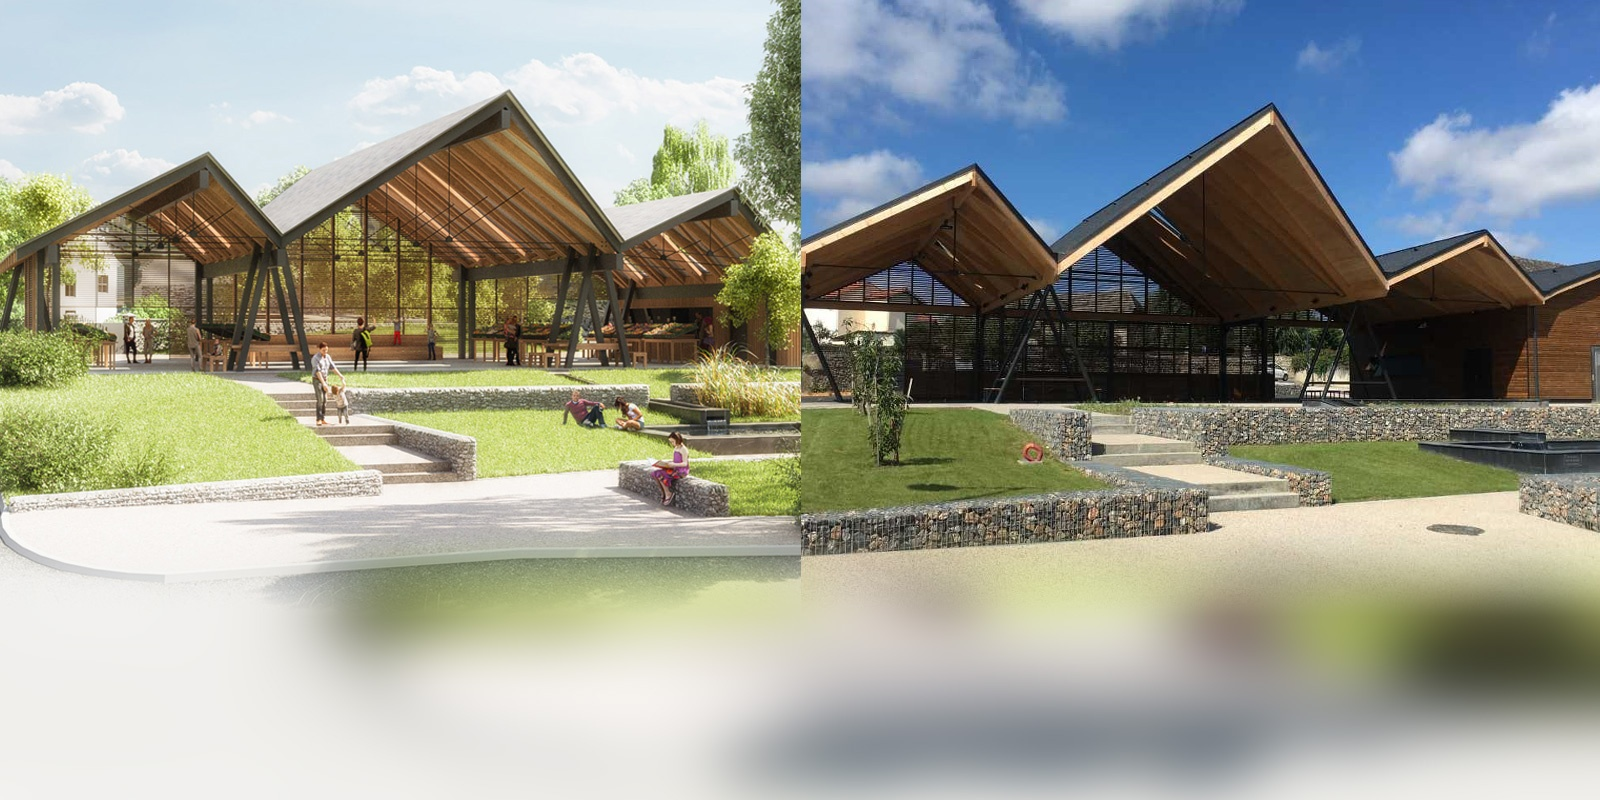 Juillan - Ville des Hautes-Pyrénées - Notre halle en cours de construction